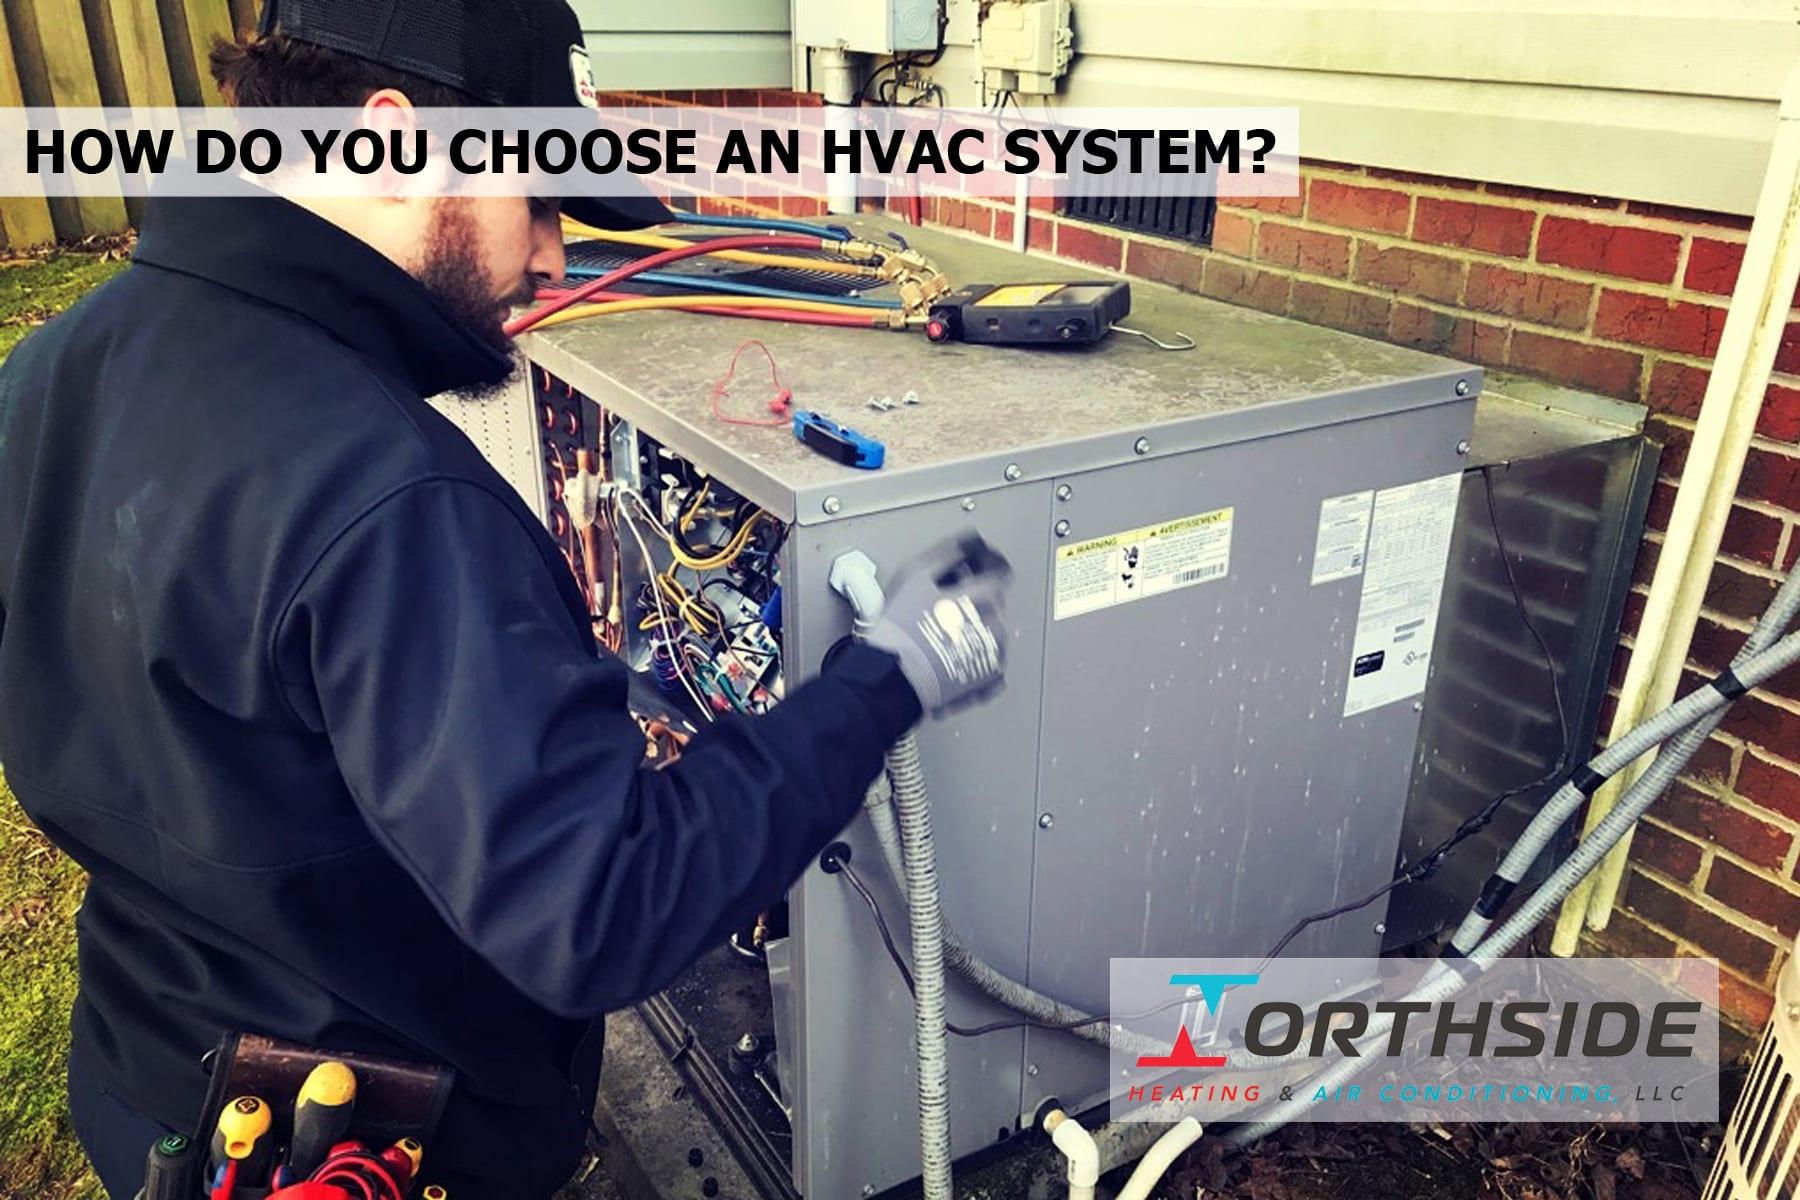 HOW DO YOU CHOOSE AN HVAC SYSTEM?